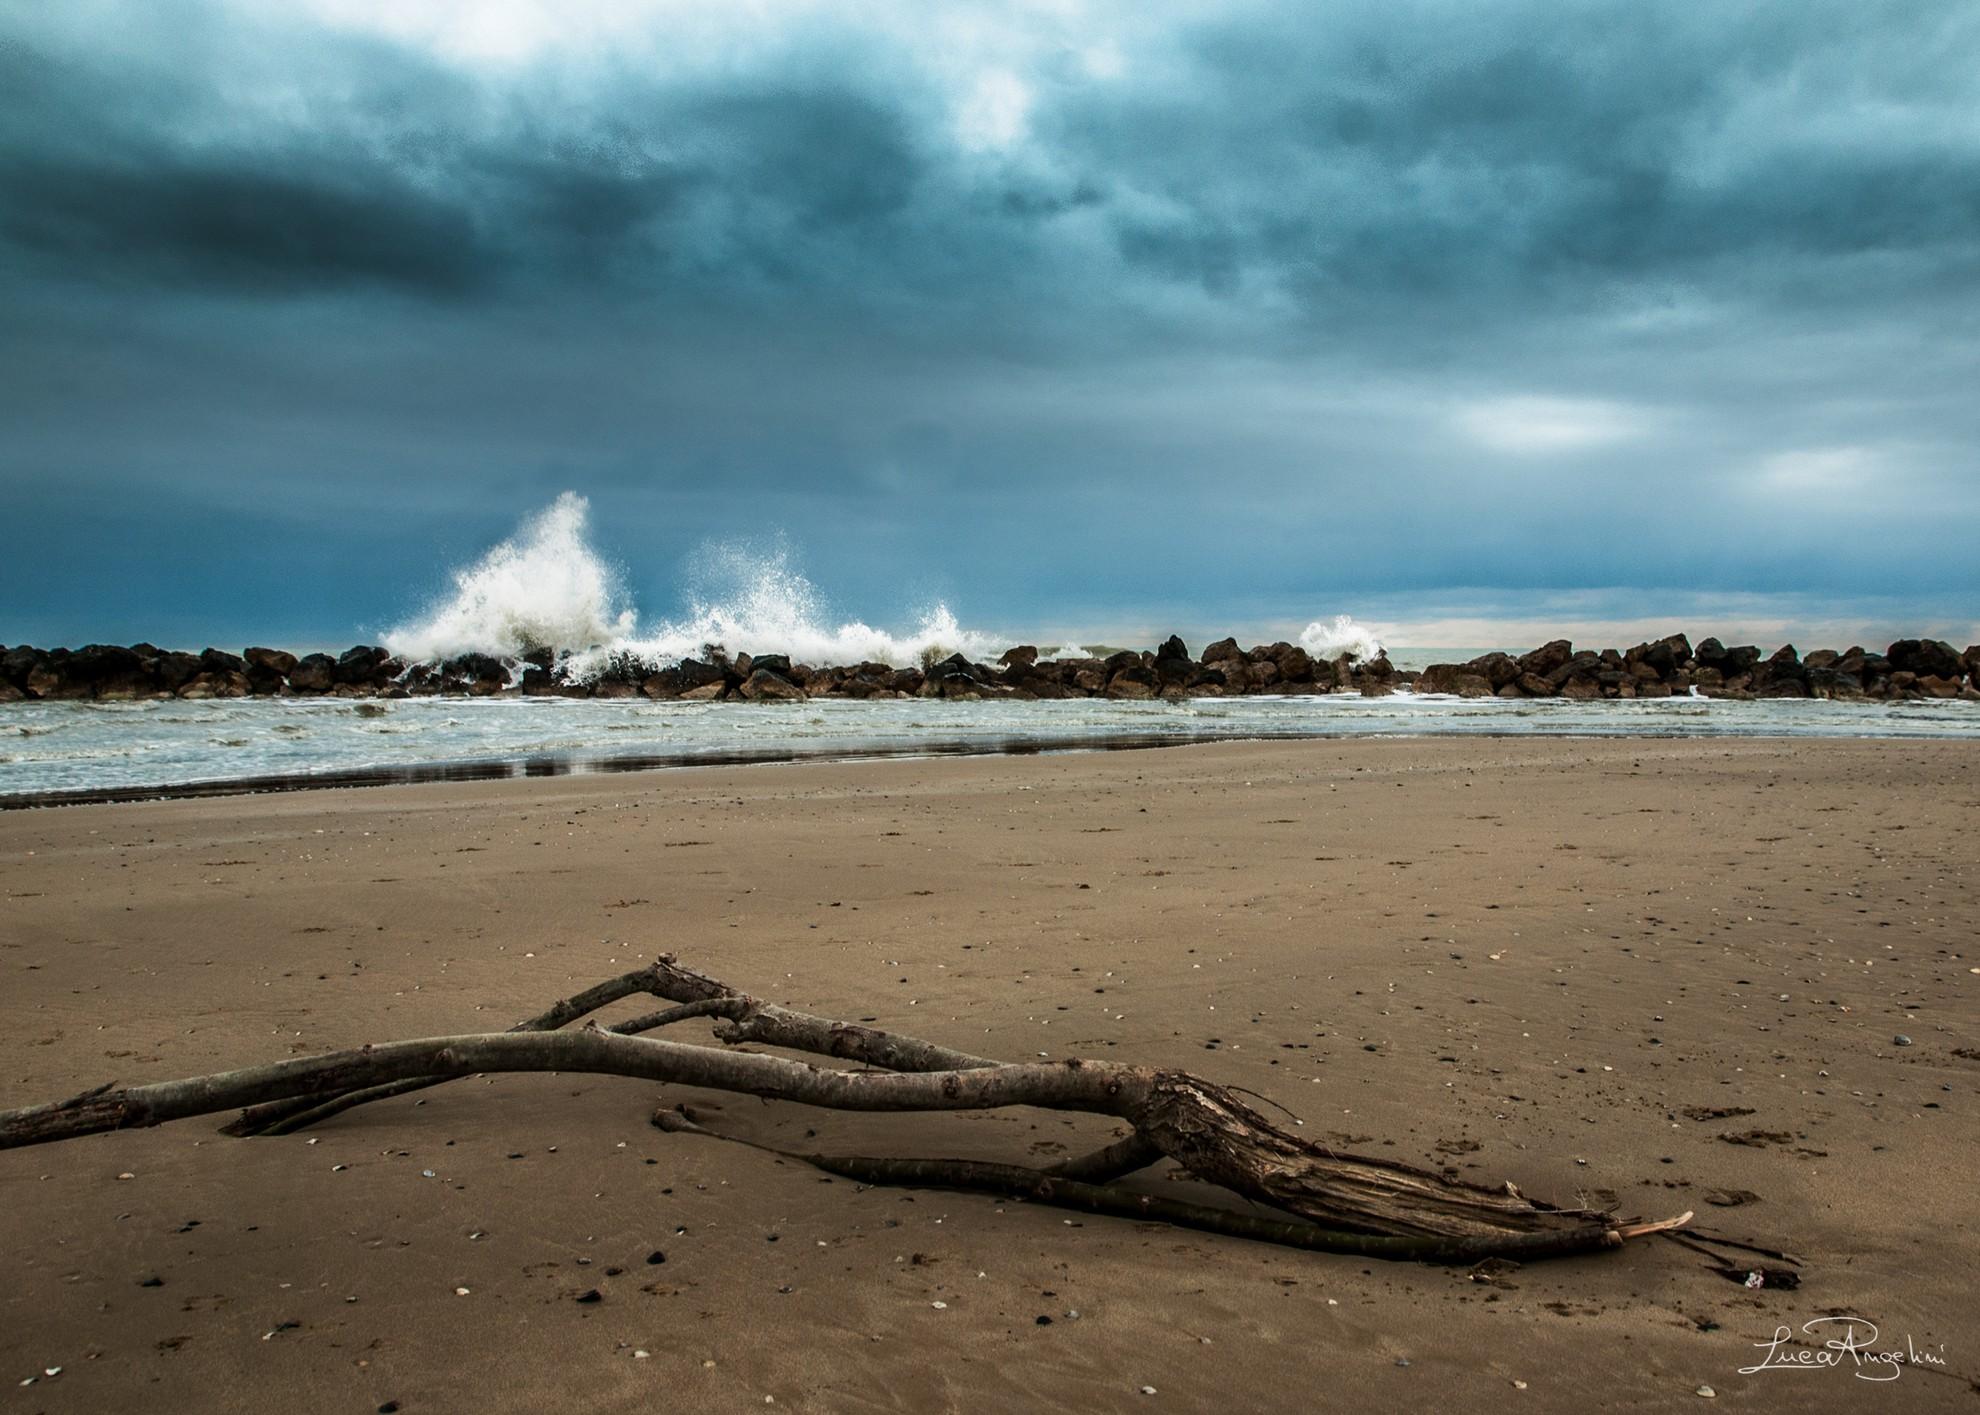 """- SPIAGGE - RENATO ZERO """"...L'inverno passerà fra la noia e le piogge ma una speranza c'è che ci siano nuove spiagge..."""""""